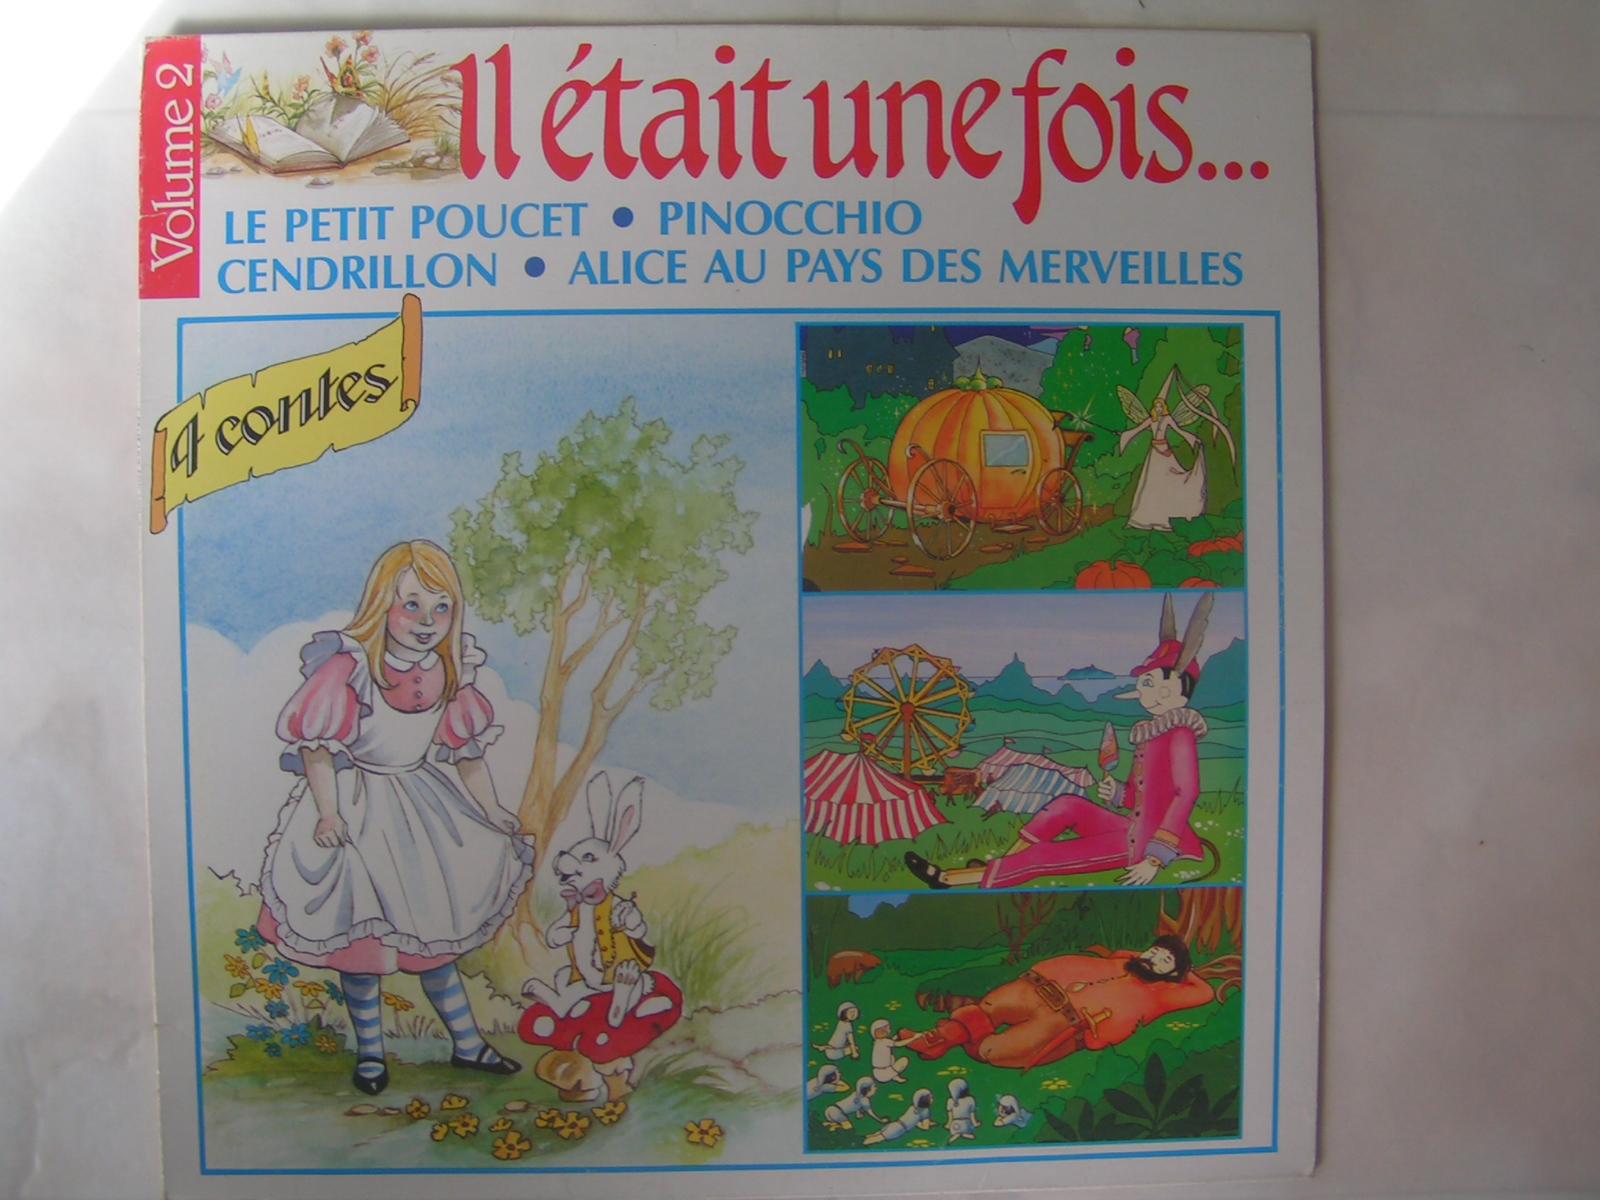 Dorothée et AB Productions Pict0169i